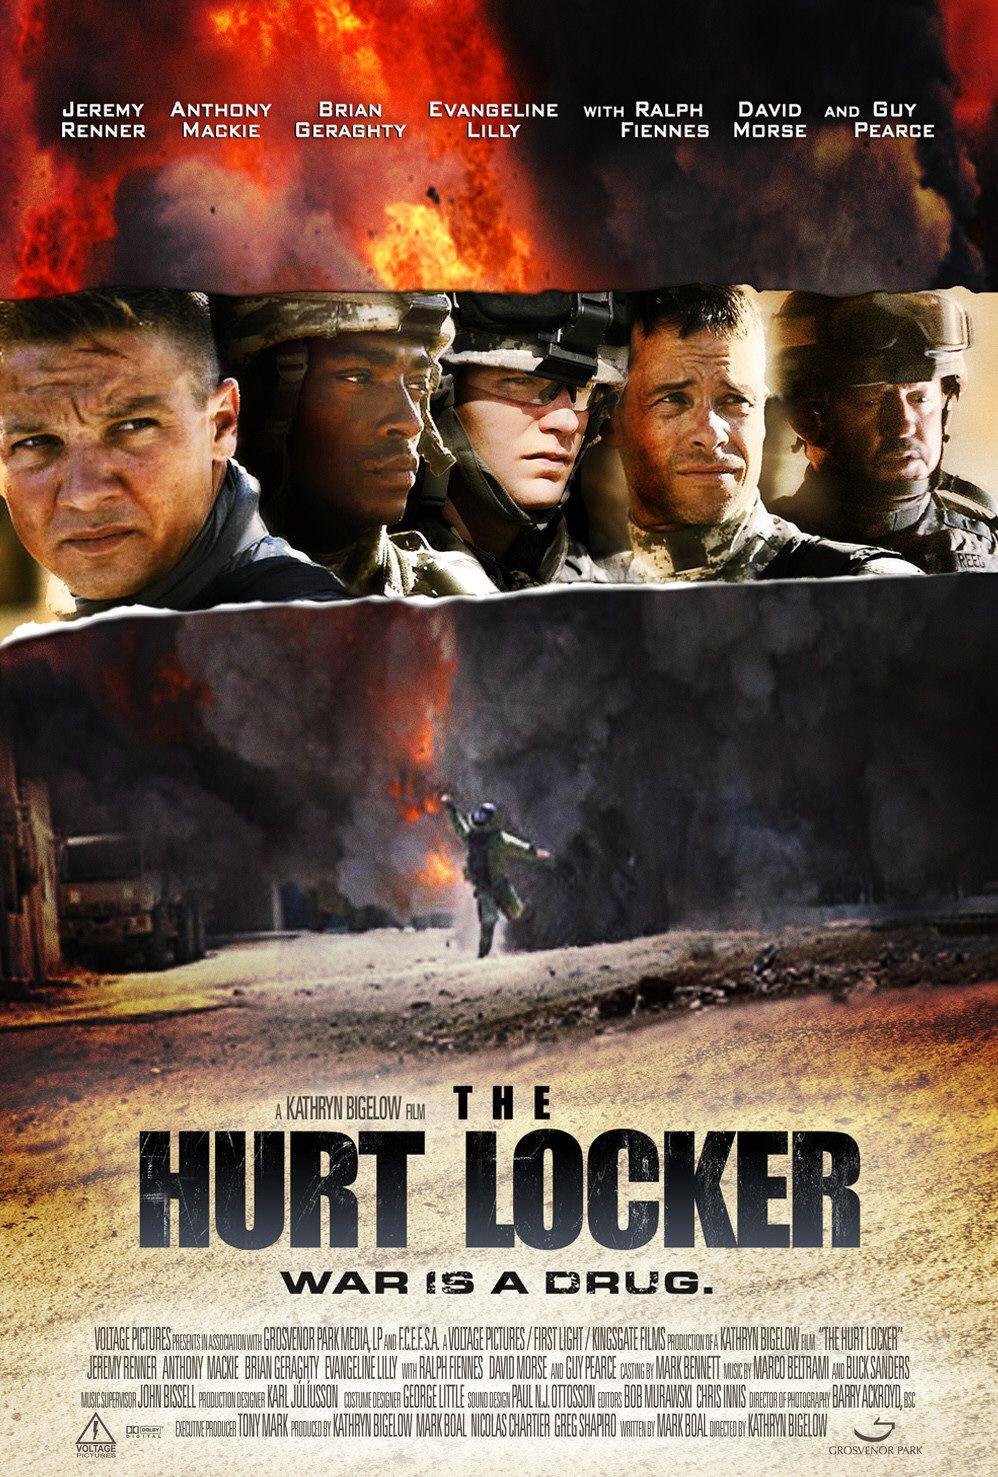 hurt-locker-poster.jpg